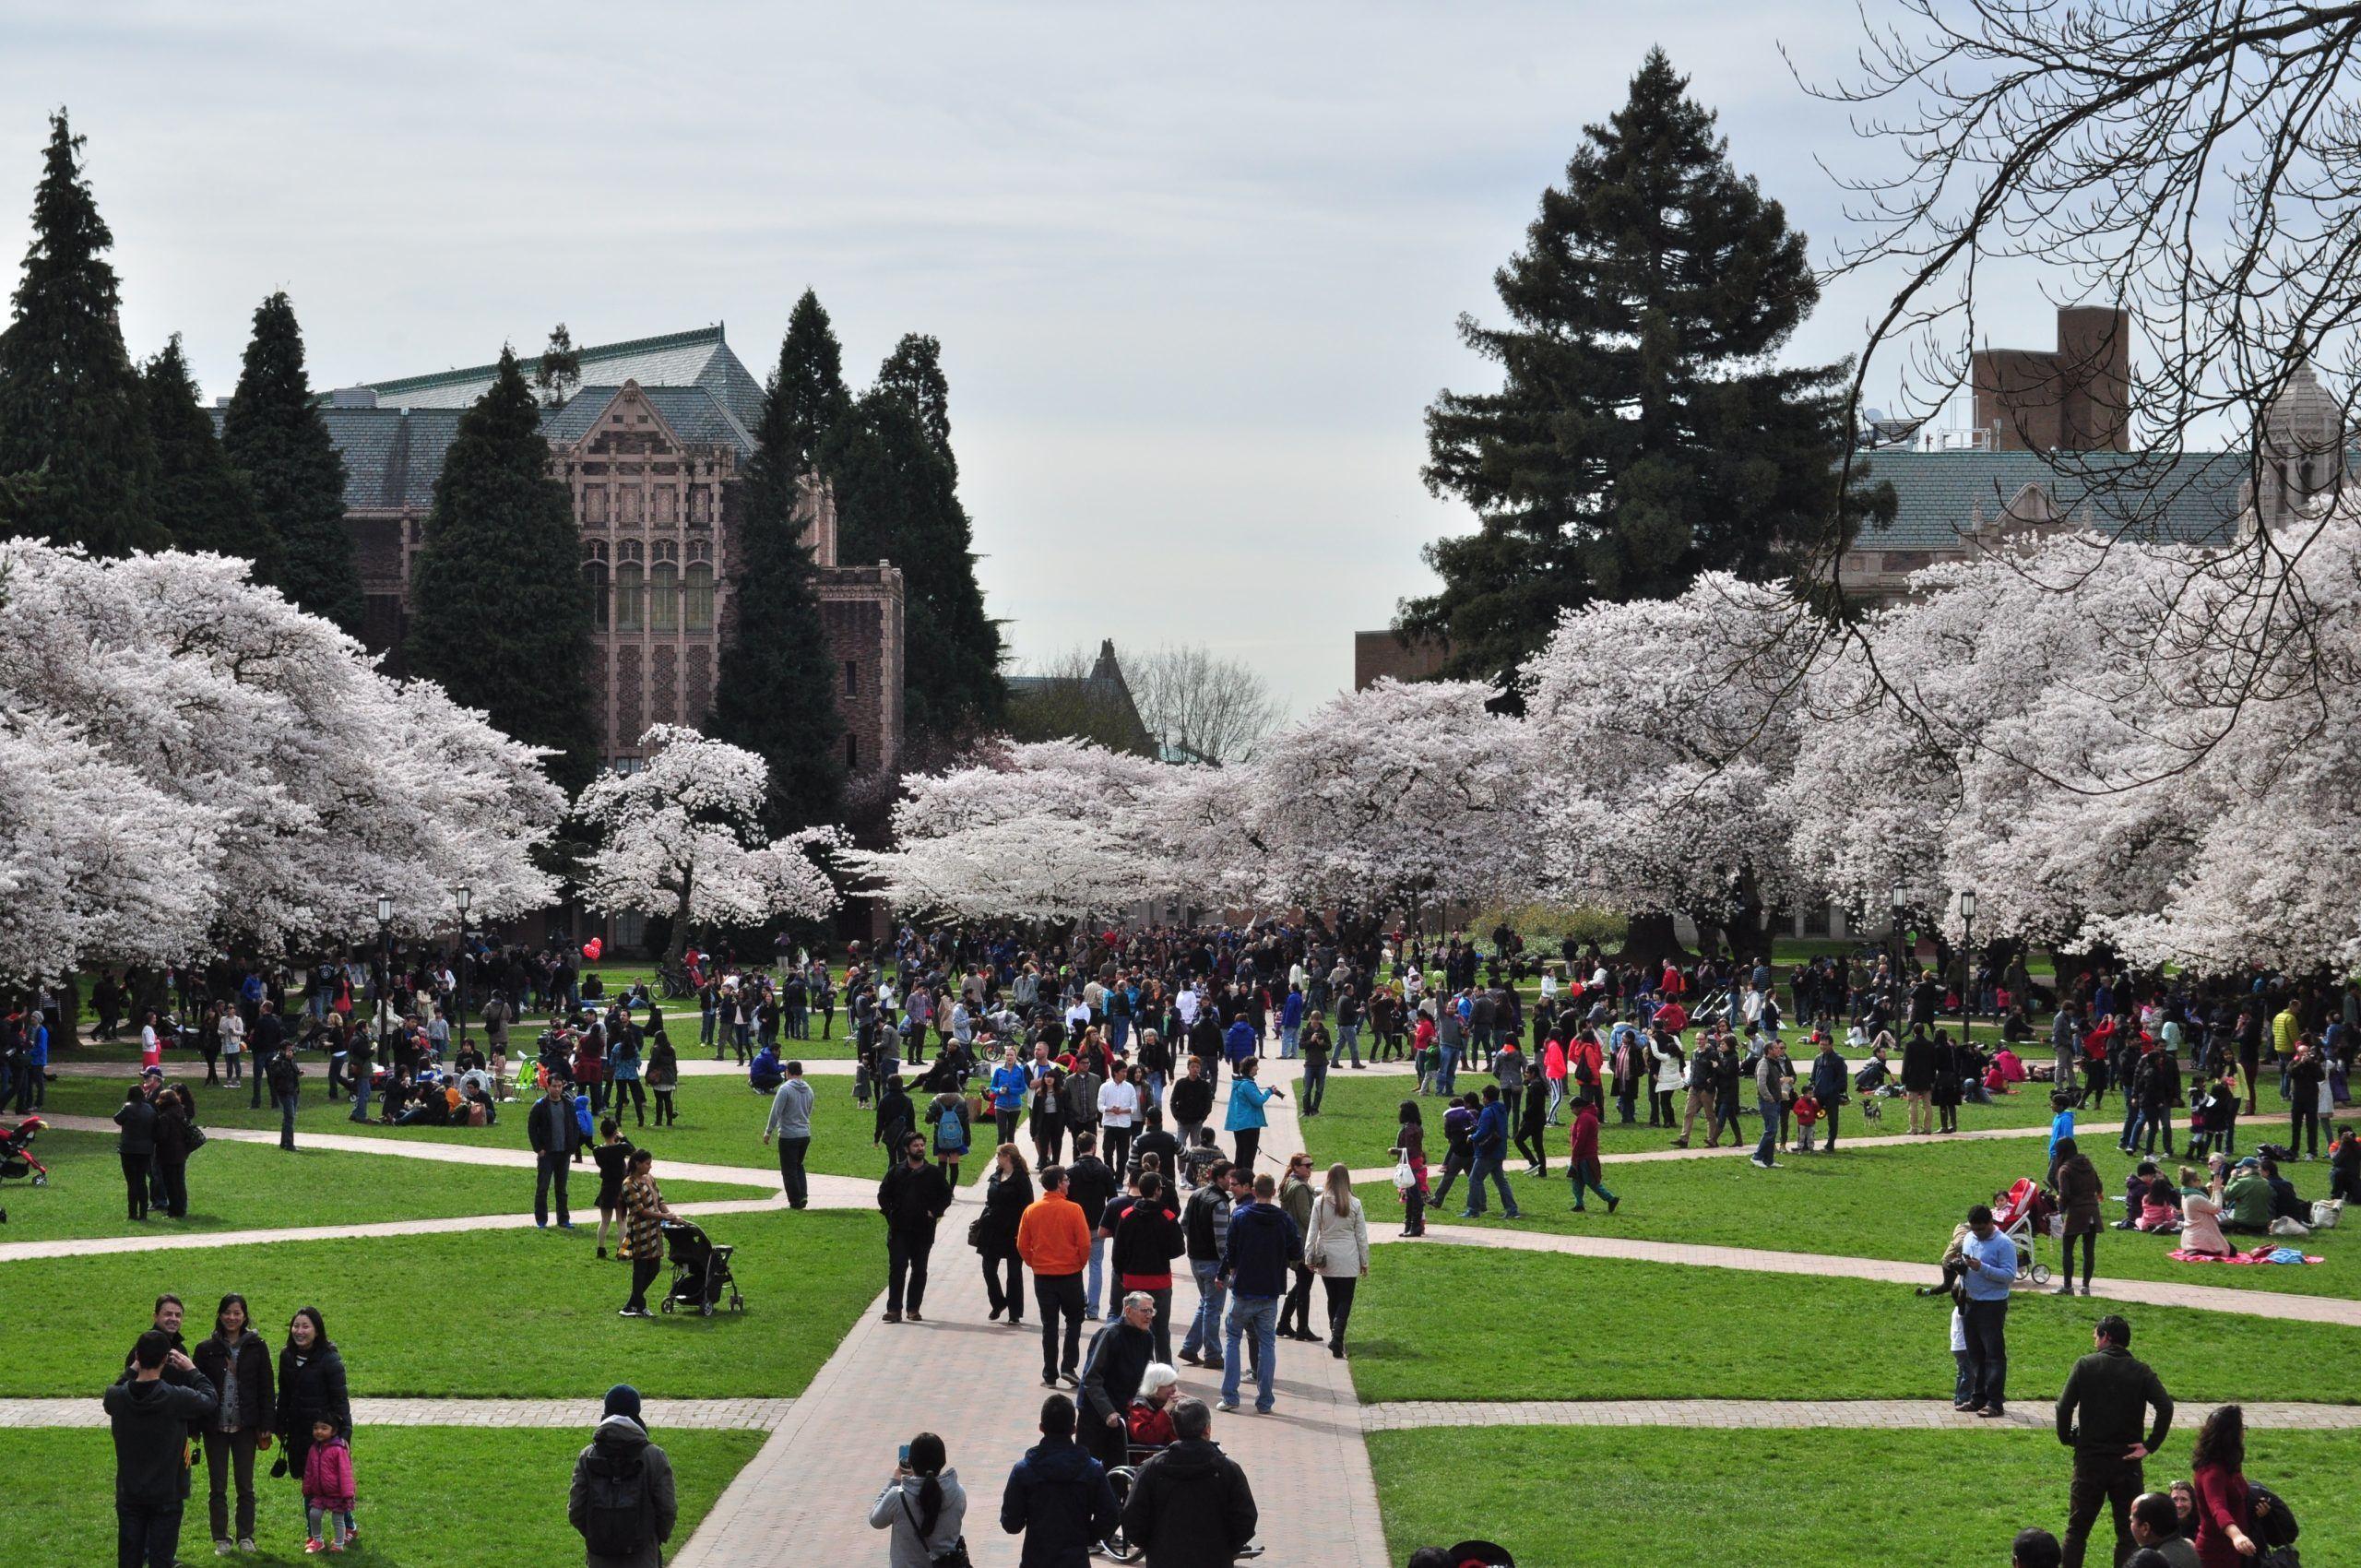 Students in University of Washington